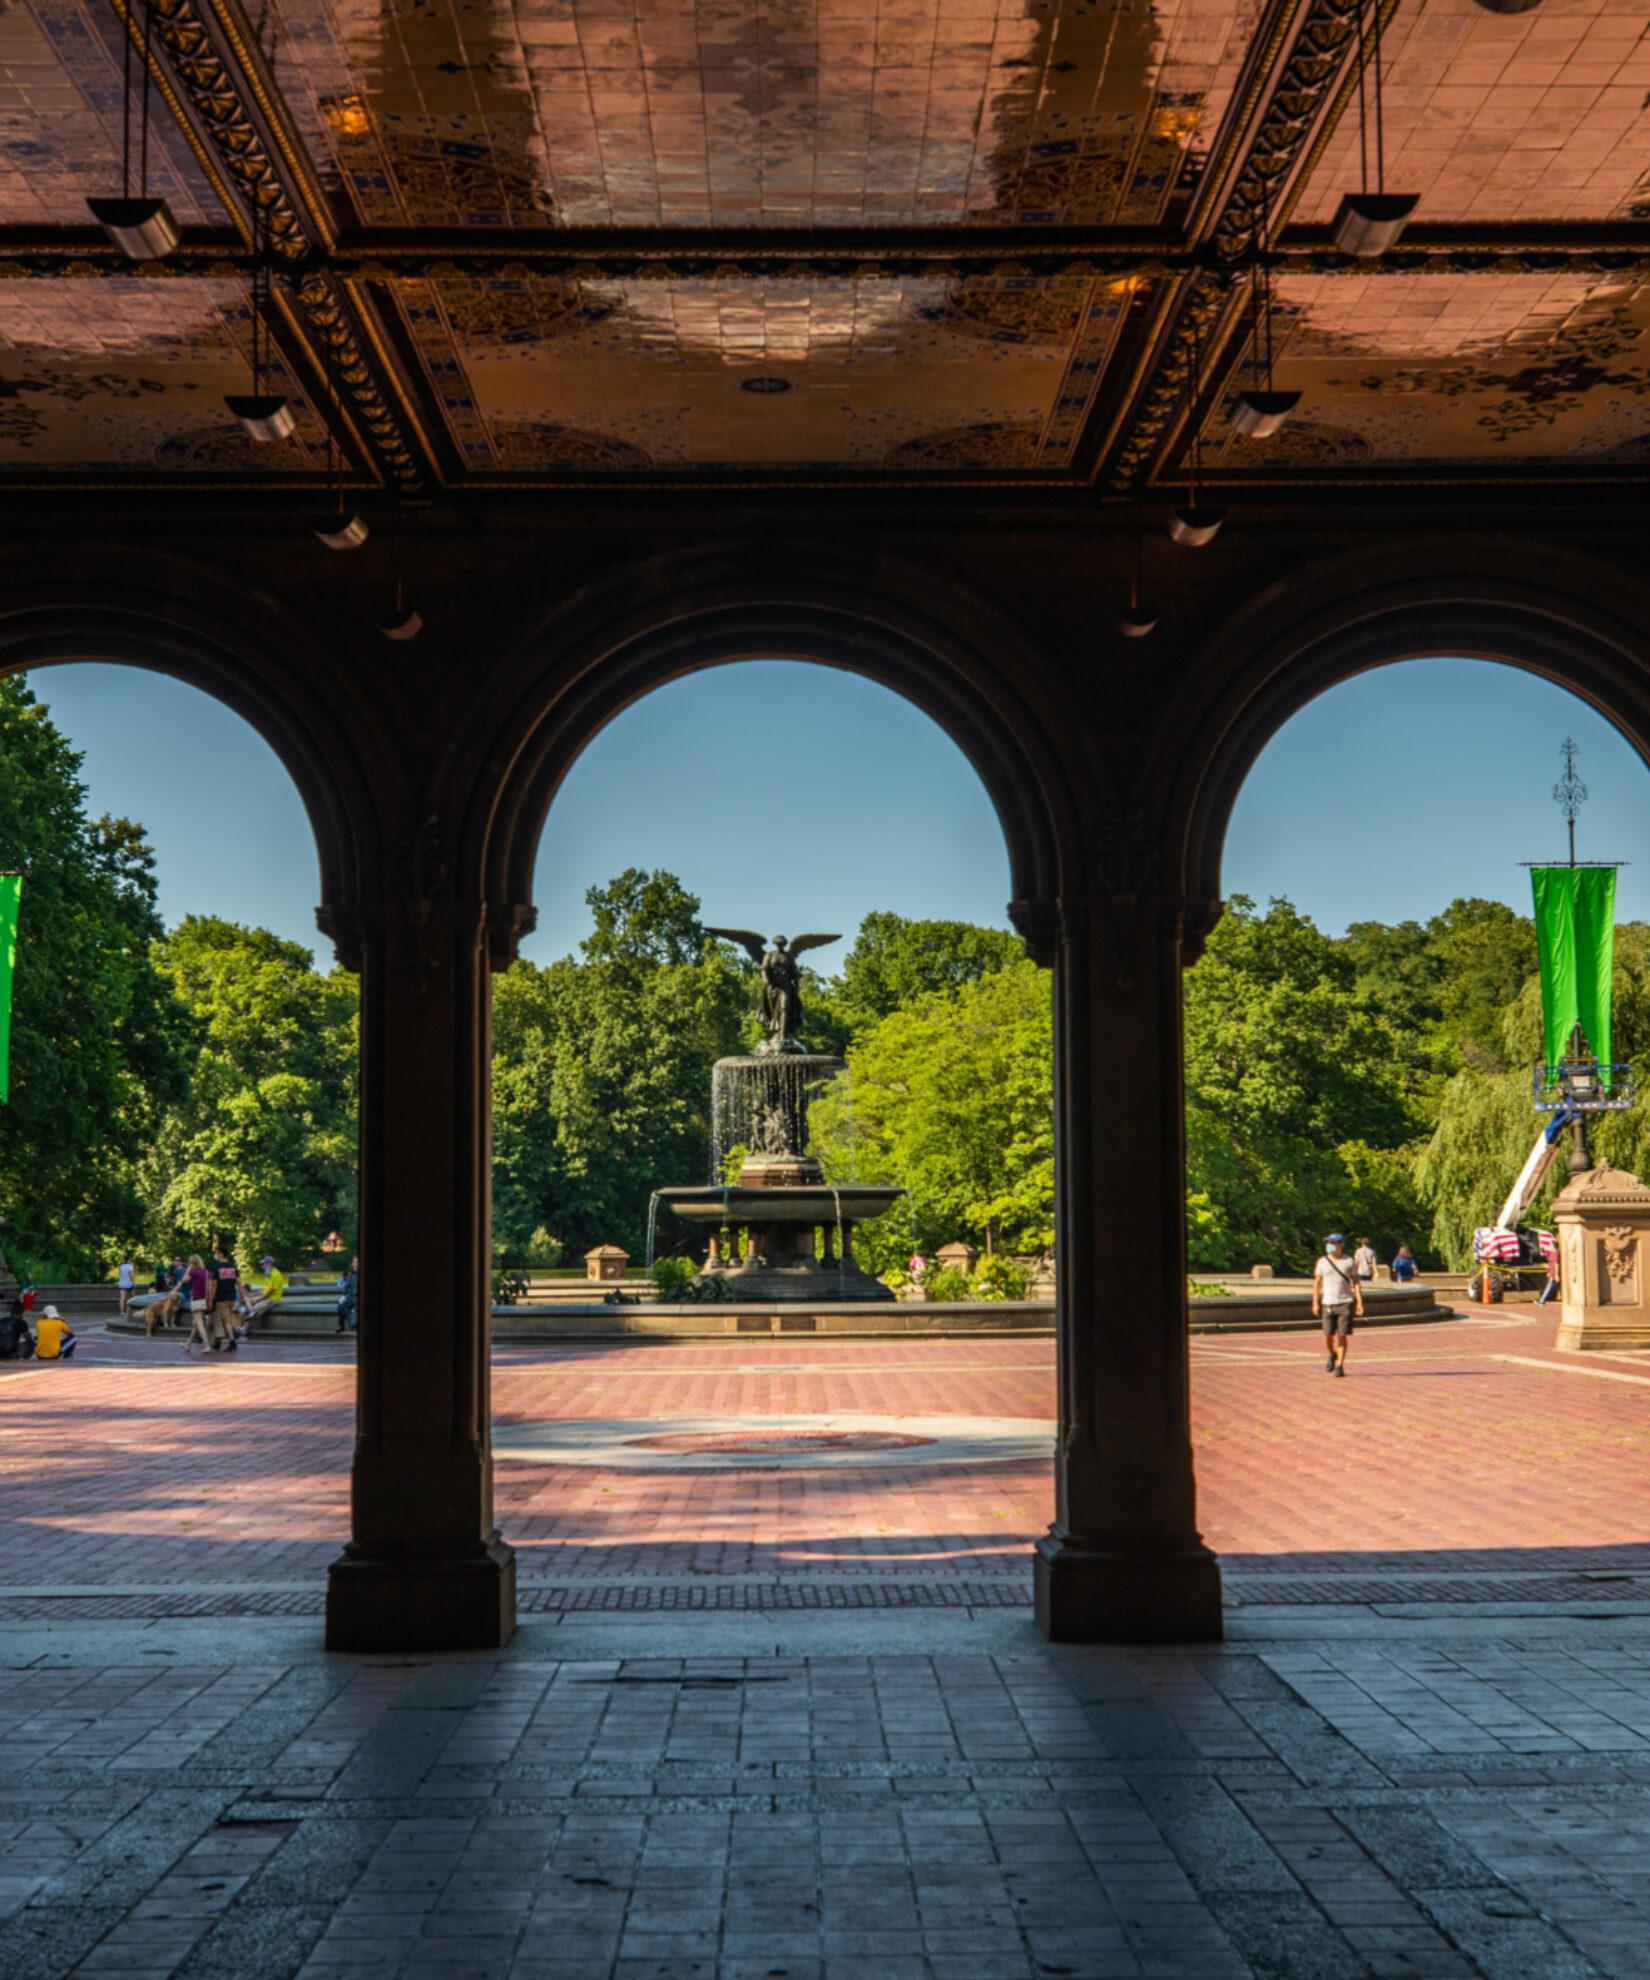 Bethesda arcade, looking out onto Bethesda Fountain